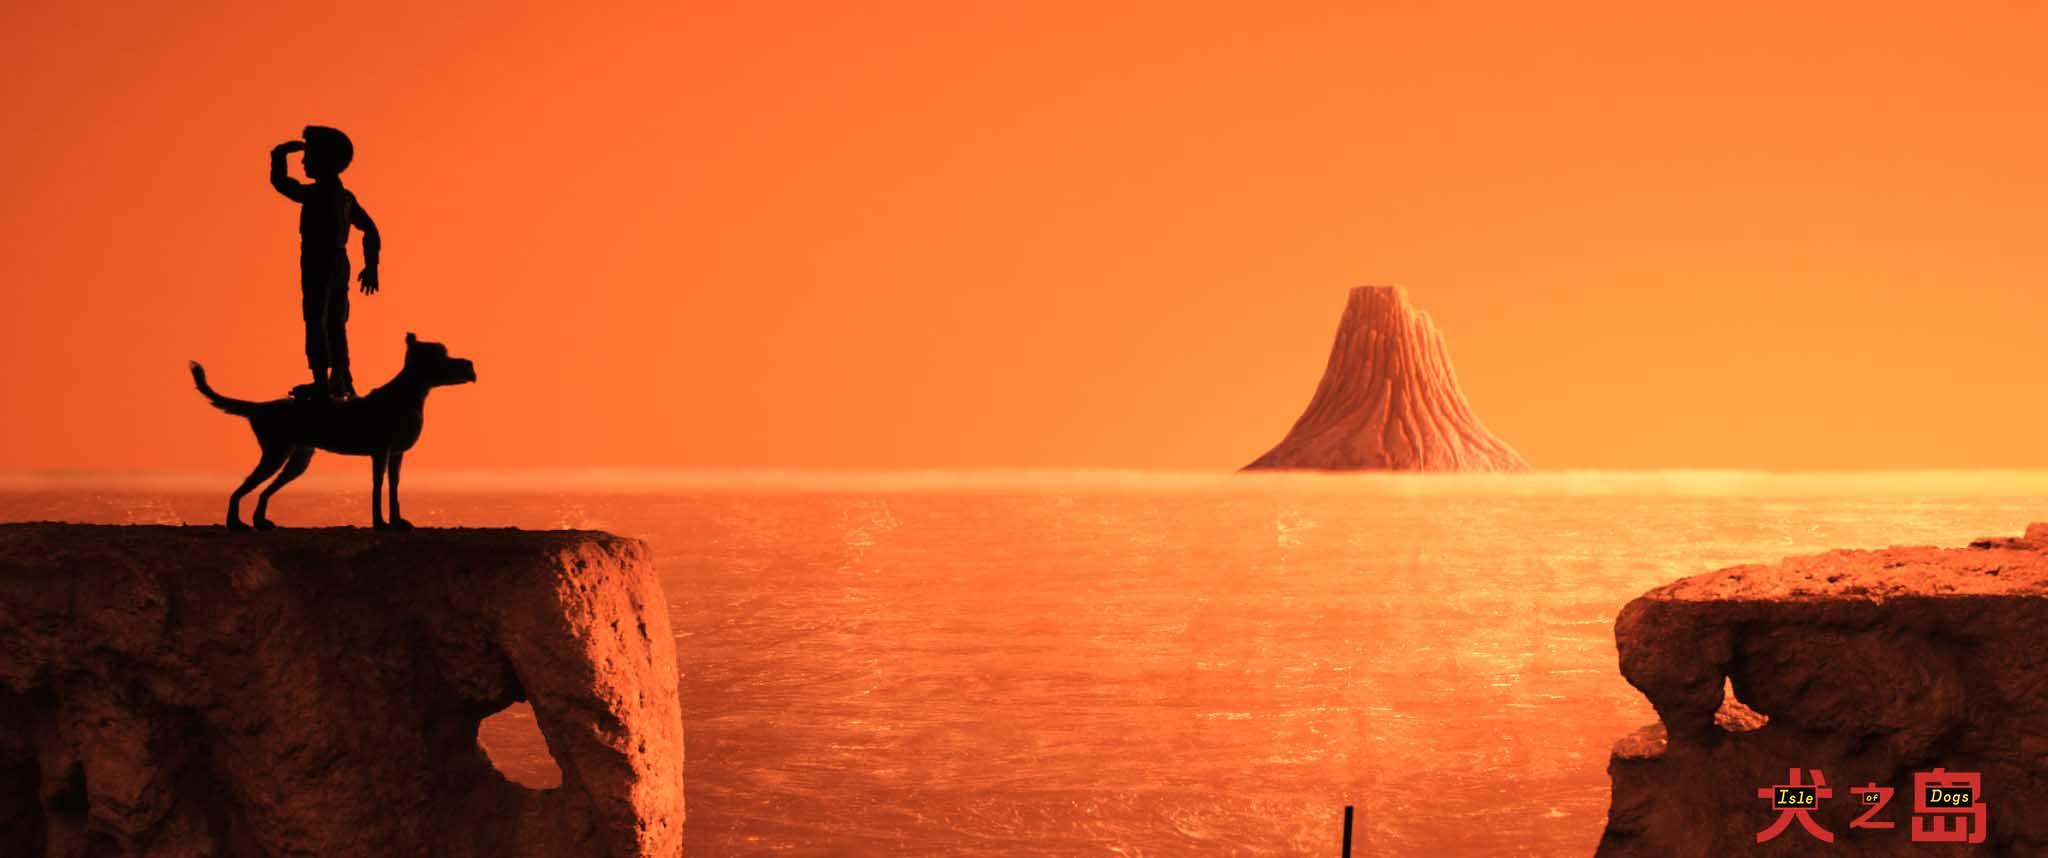 《犬之岛》全国点映韦斯·安德森获观众疯狂点赞